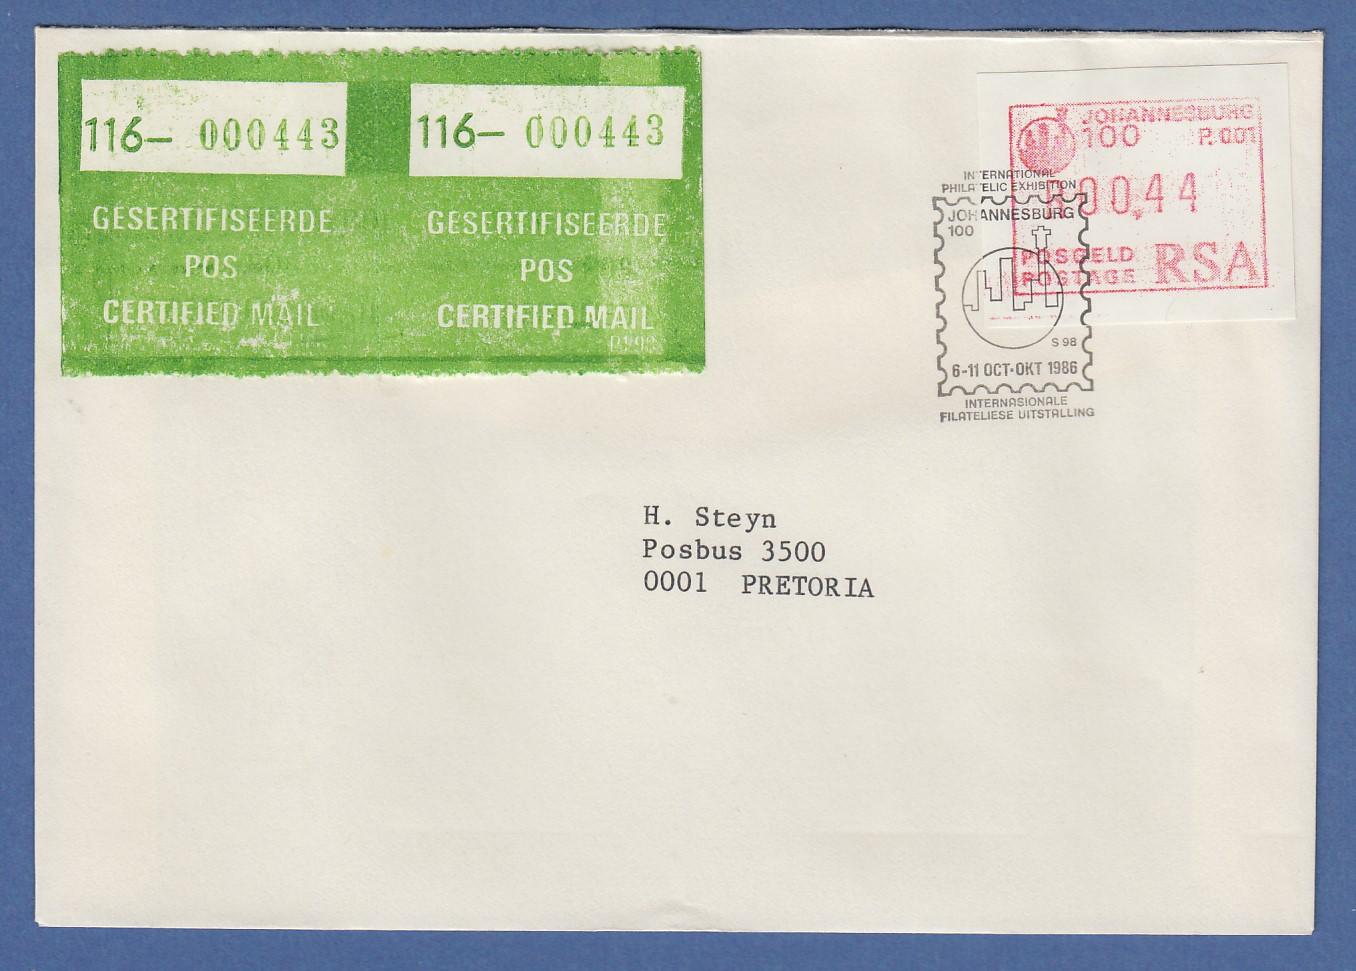 Diverse Philatelie Rsa Südafrika Frama-atm Aus Oa P.001 Pretoria Wert 00.30 Auf Brief Nach Belgien